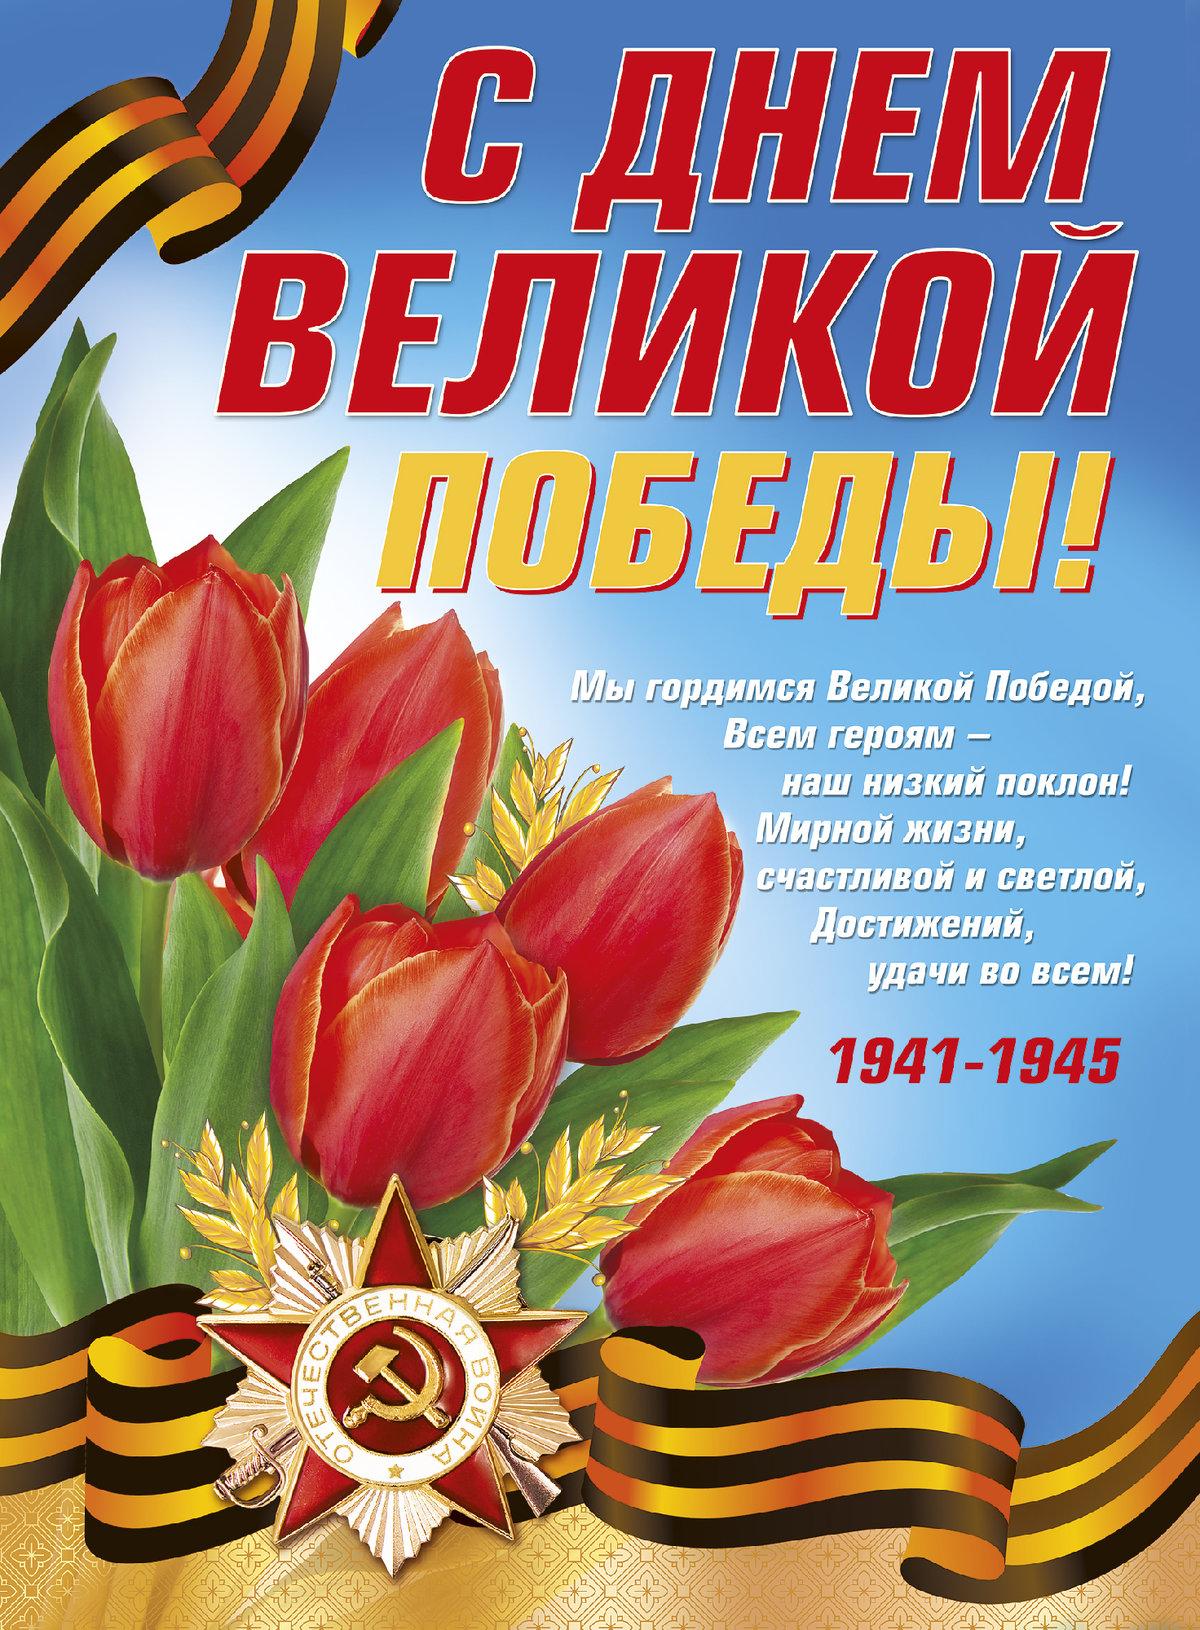 Открытка ко дня 9 мая, рукопашный